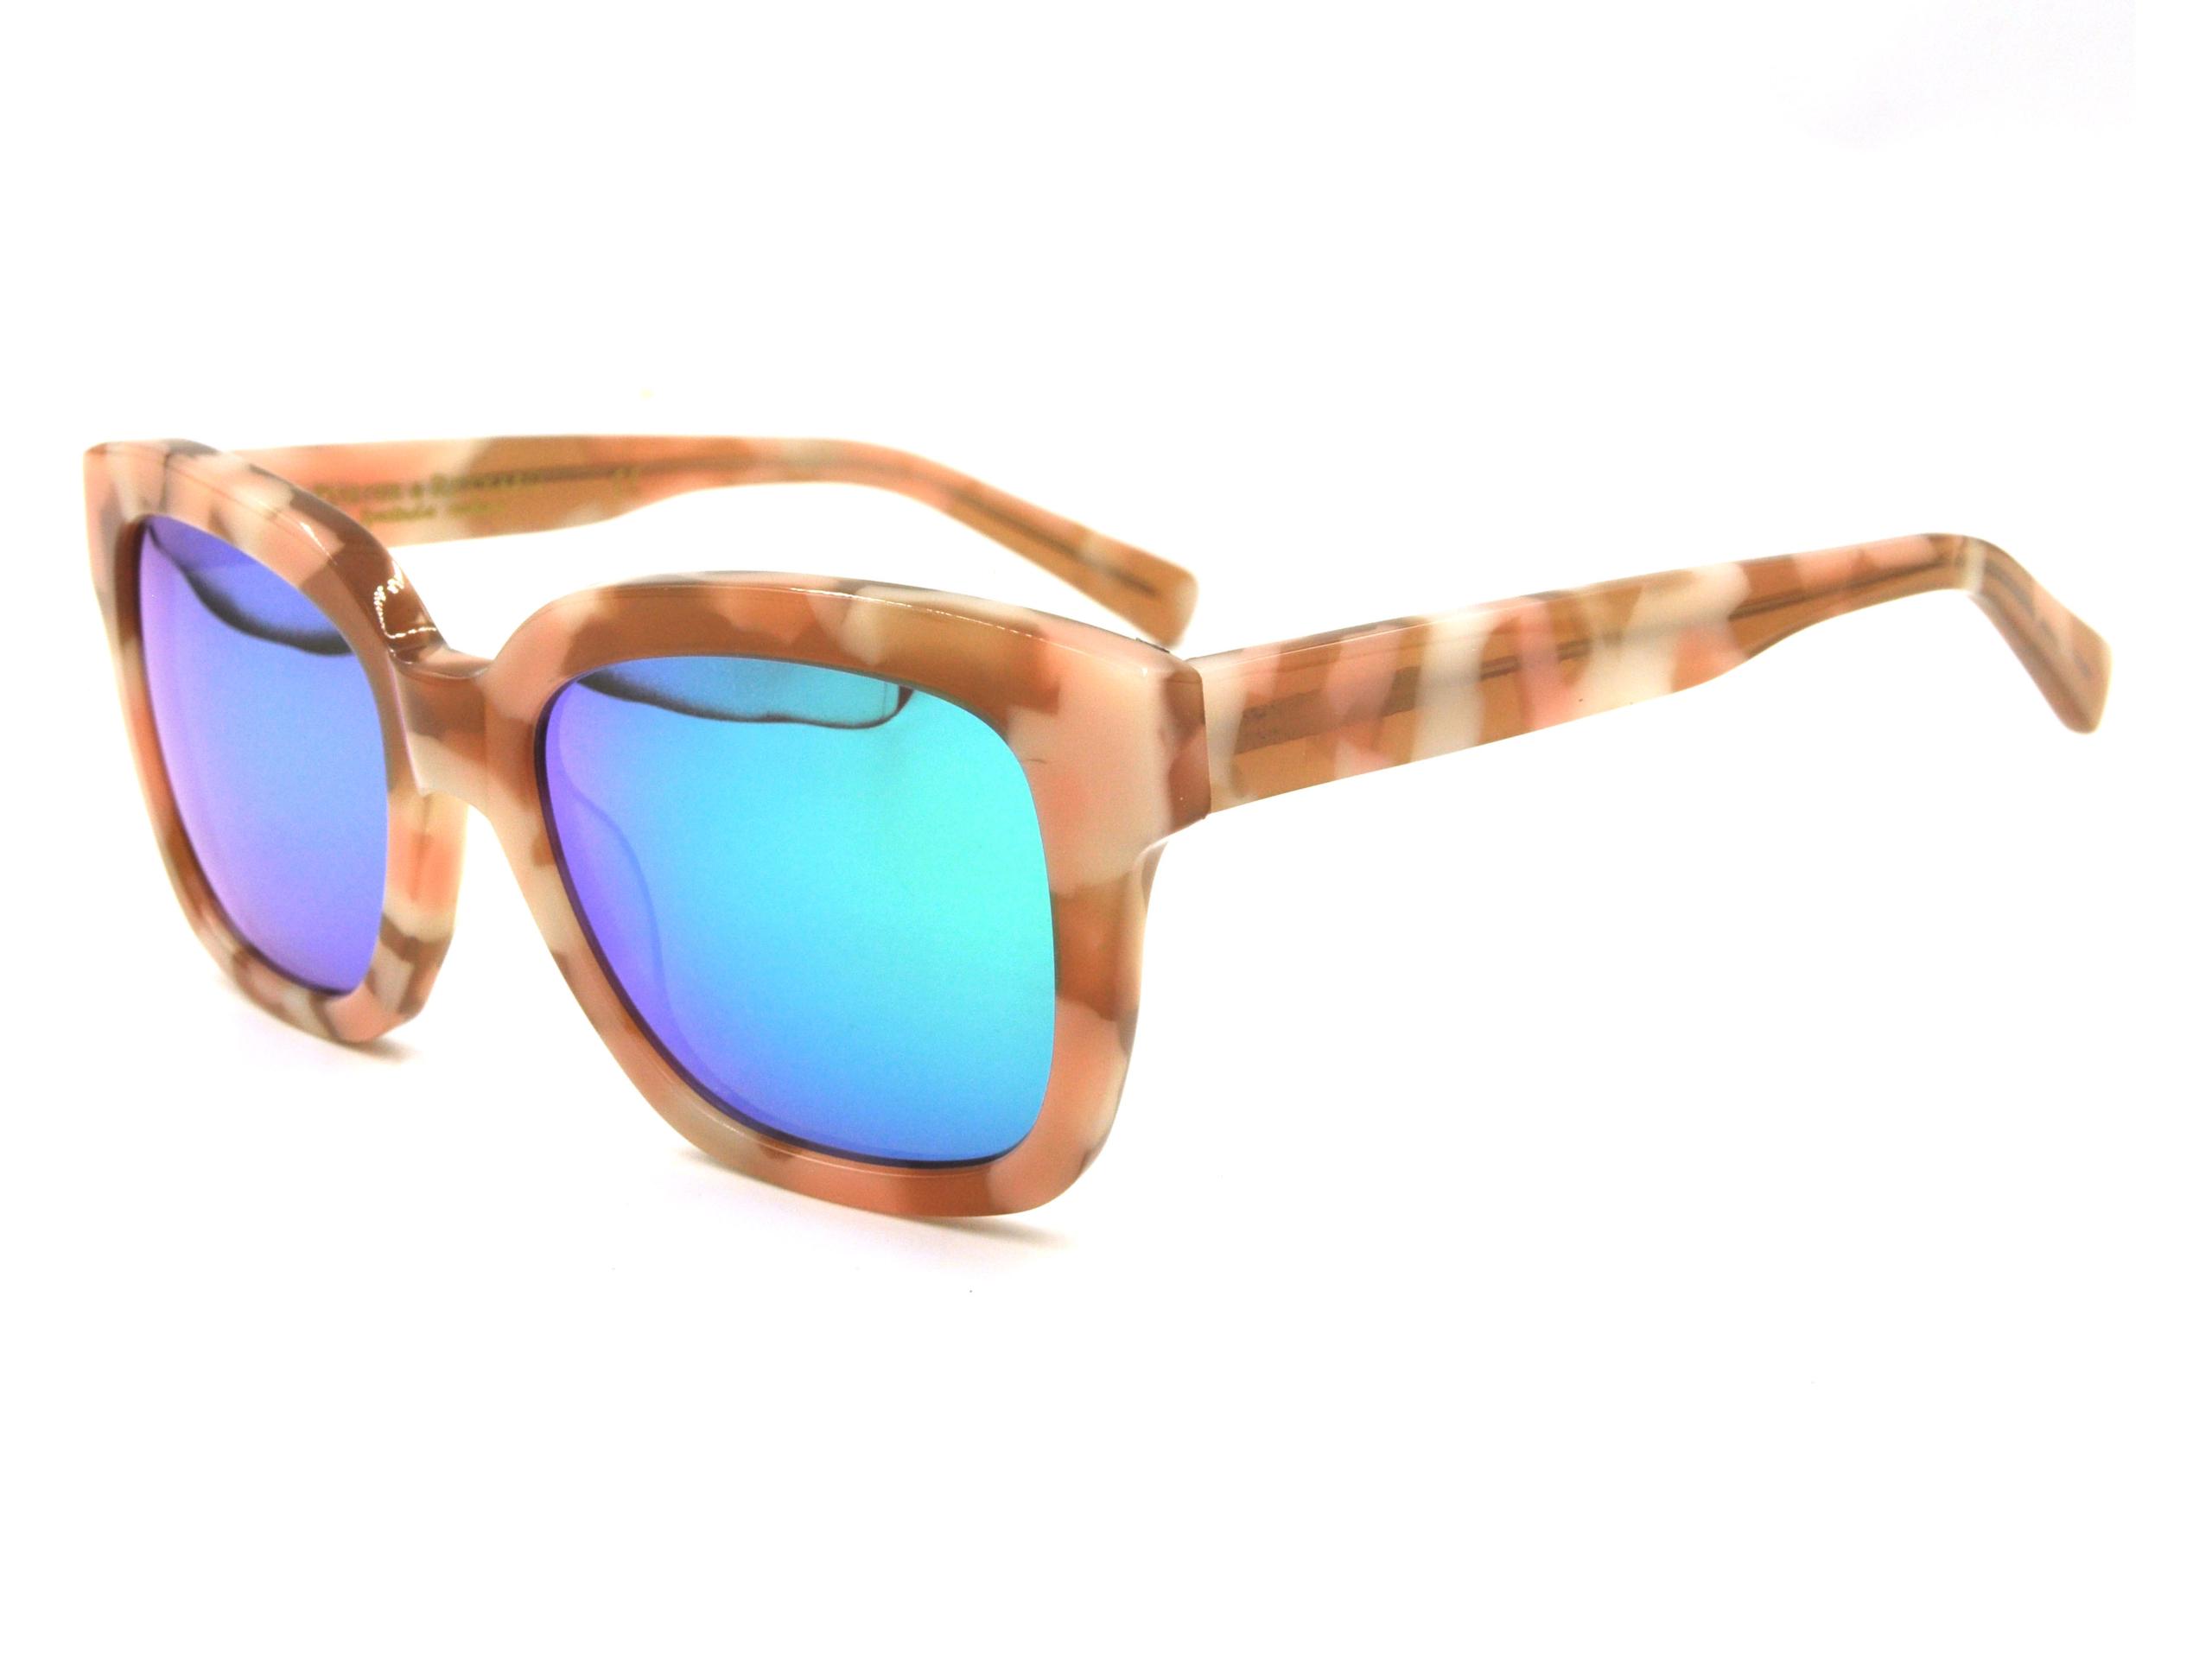 Γυαλιά ηλίου PORTER & REYNARD RACHEL C7 Πειραιάς